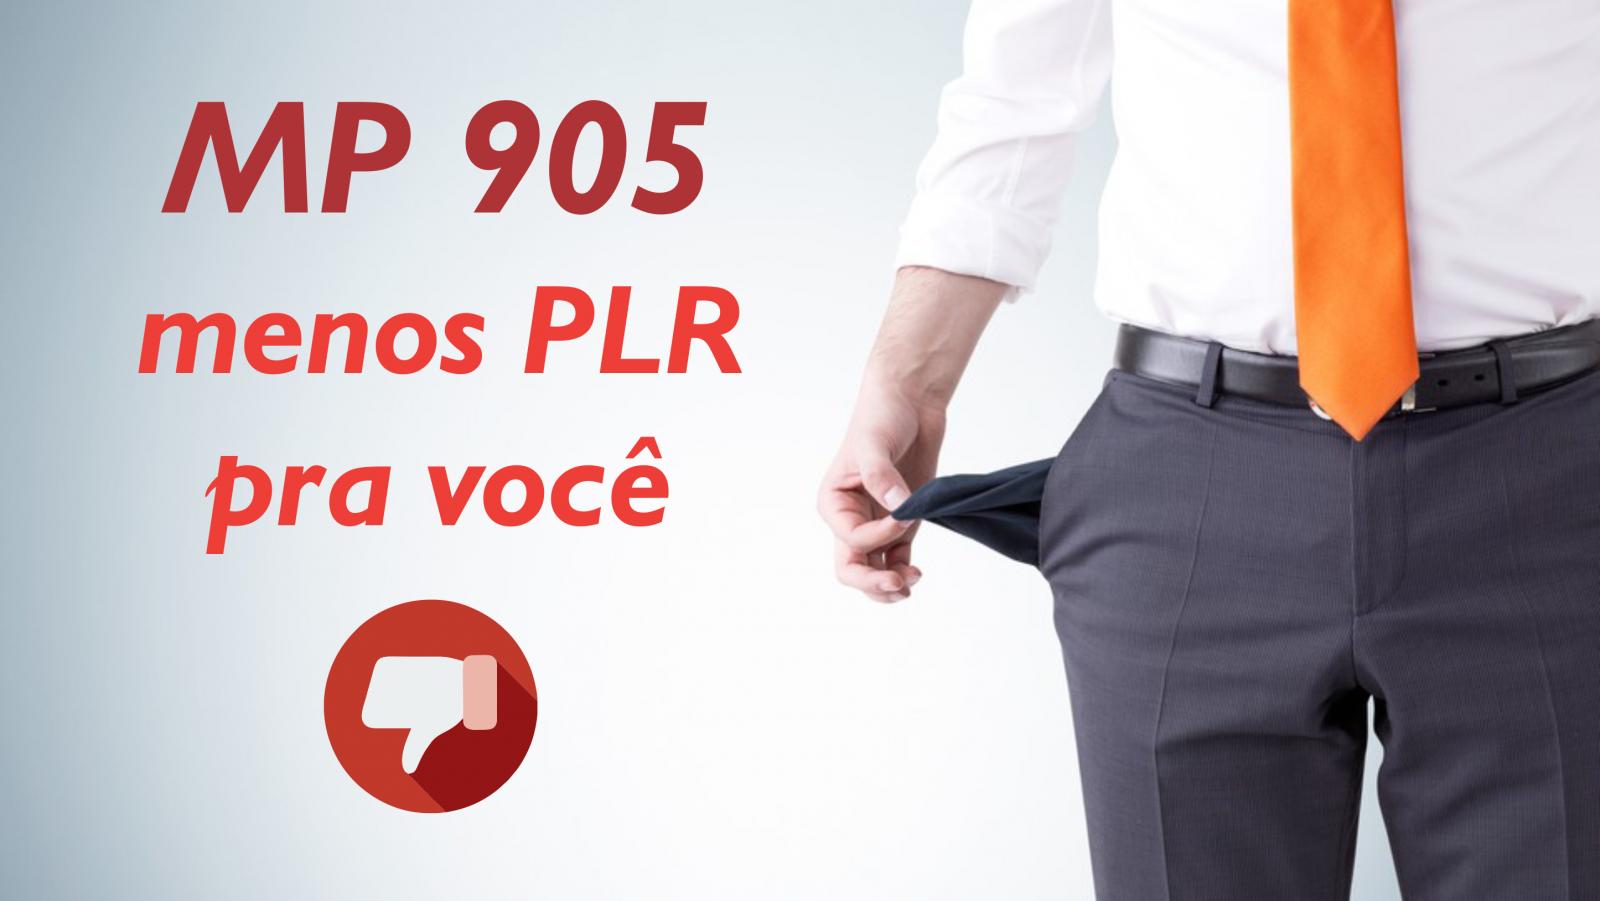 Você vai receber menos PLR com MP 905